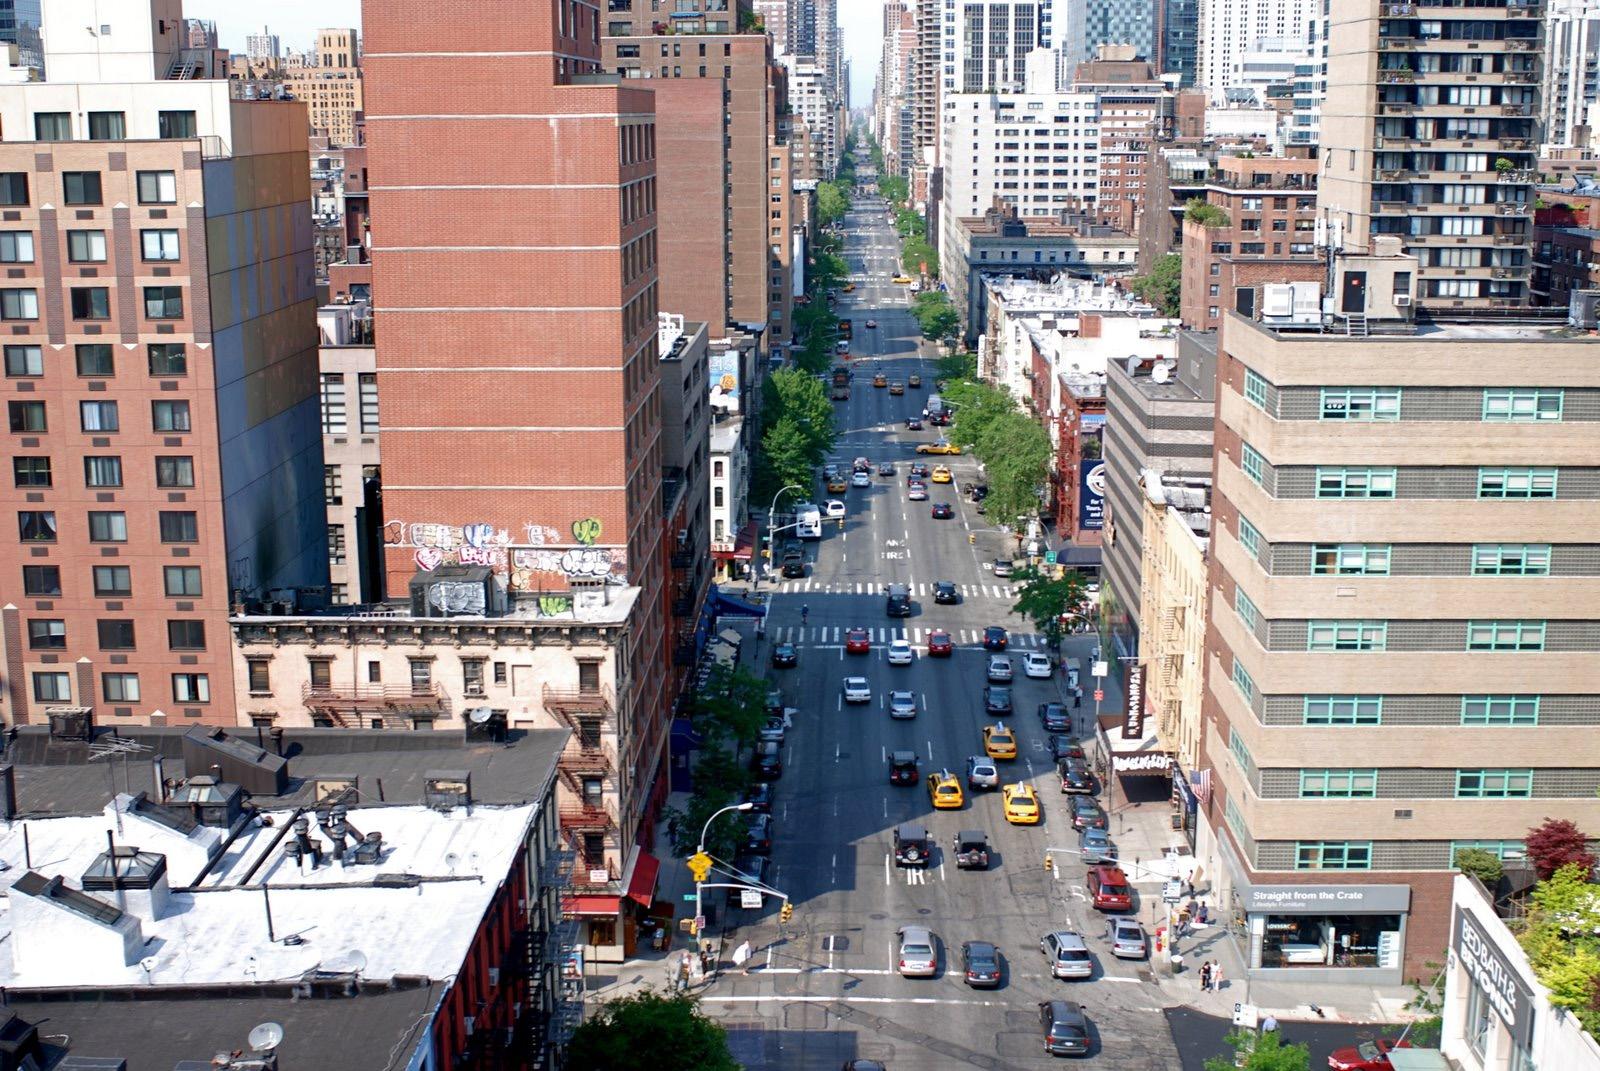 NYC ♥ NYC: